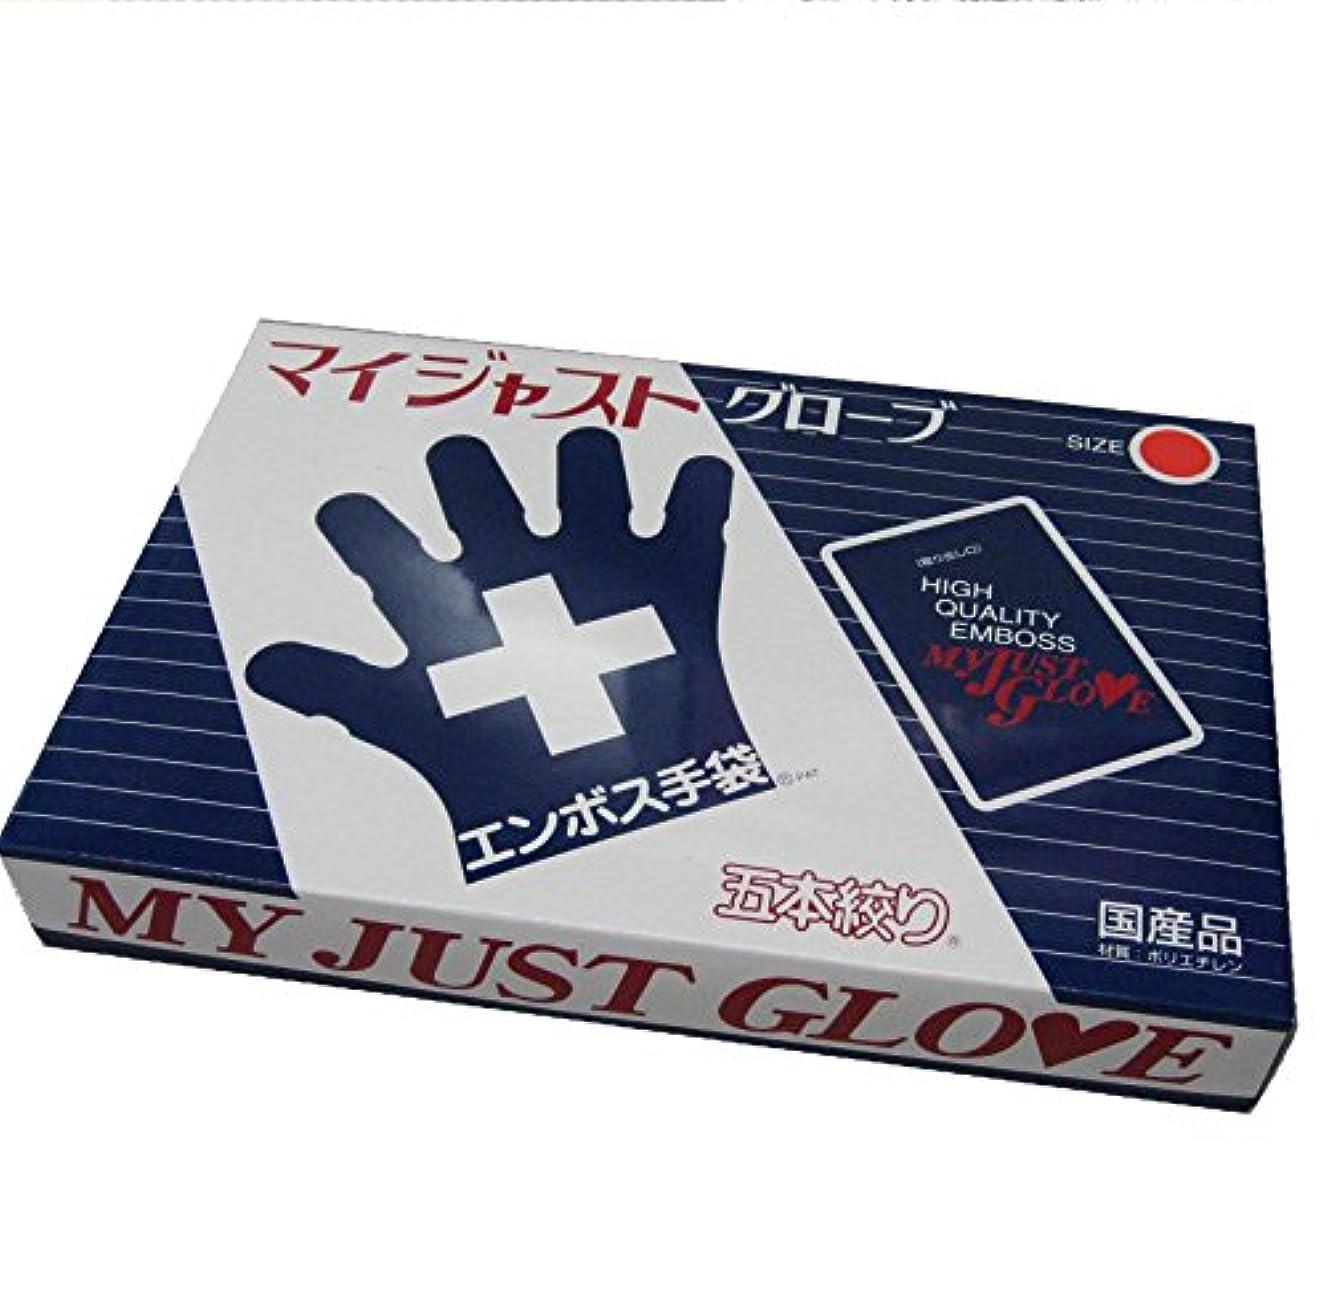 血不屈追加エンボス手袋 マイジャストグローブ五本絞り 200枚入 Mサイズ 化粧箱